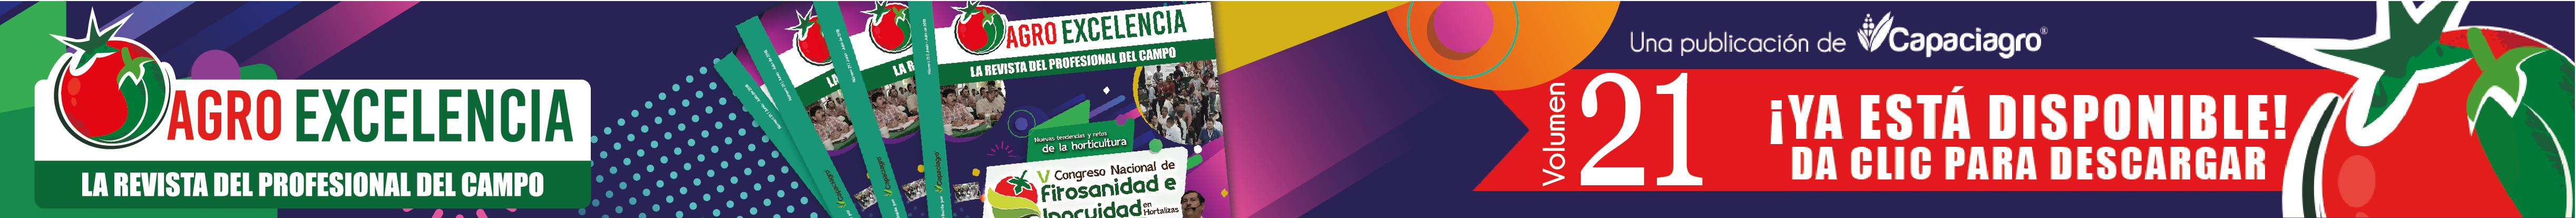 http://agroexcelencia.com/wp-content/uploads/2018/06/Slide-anuncio21_1.png